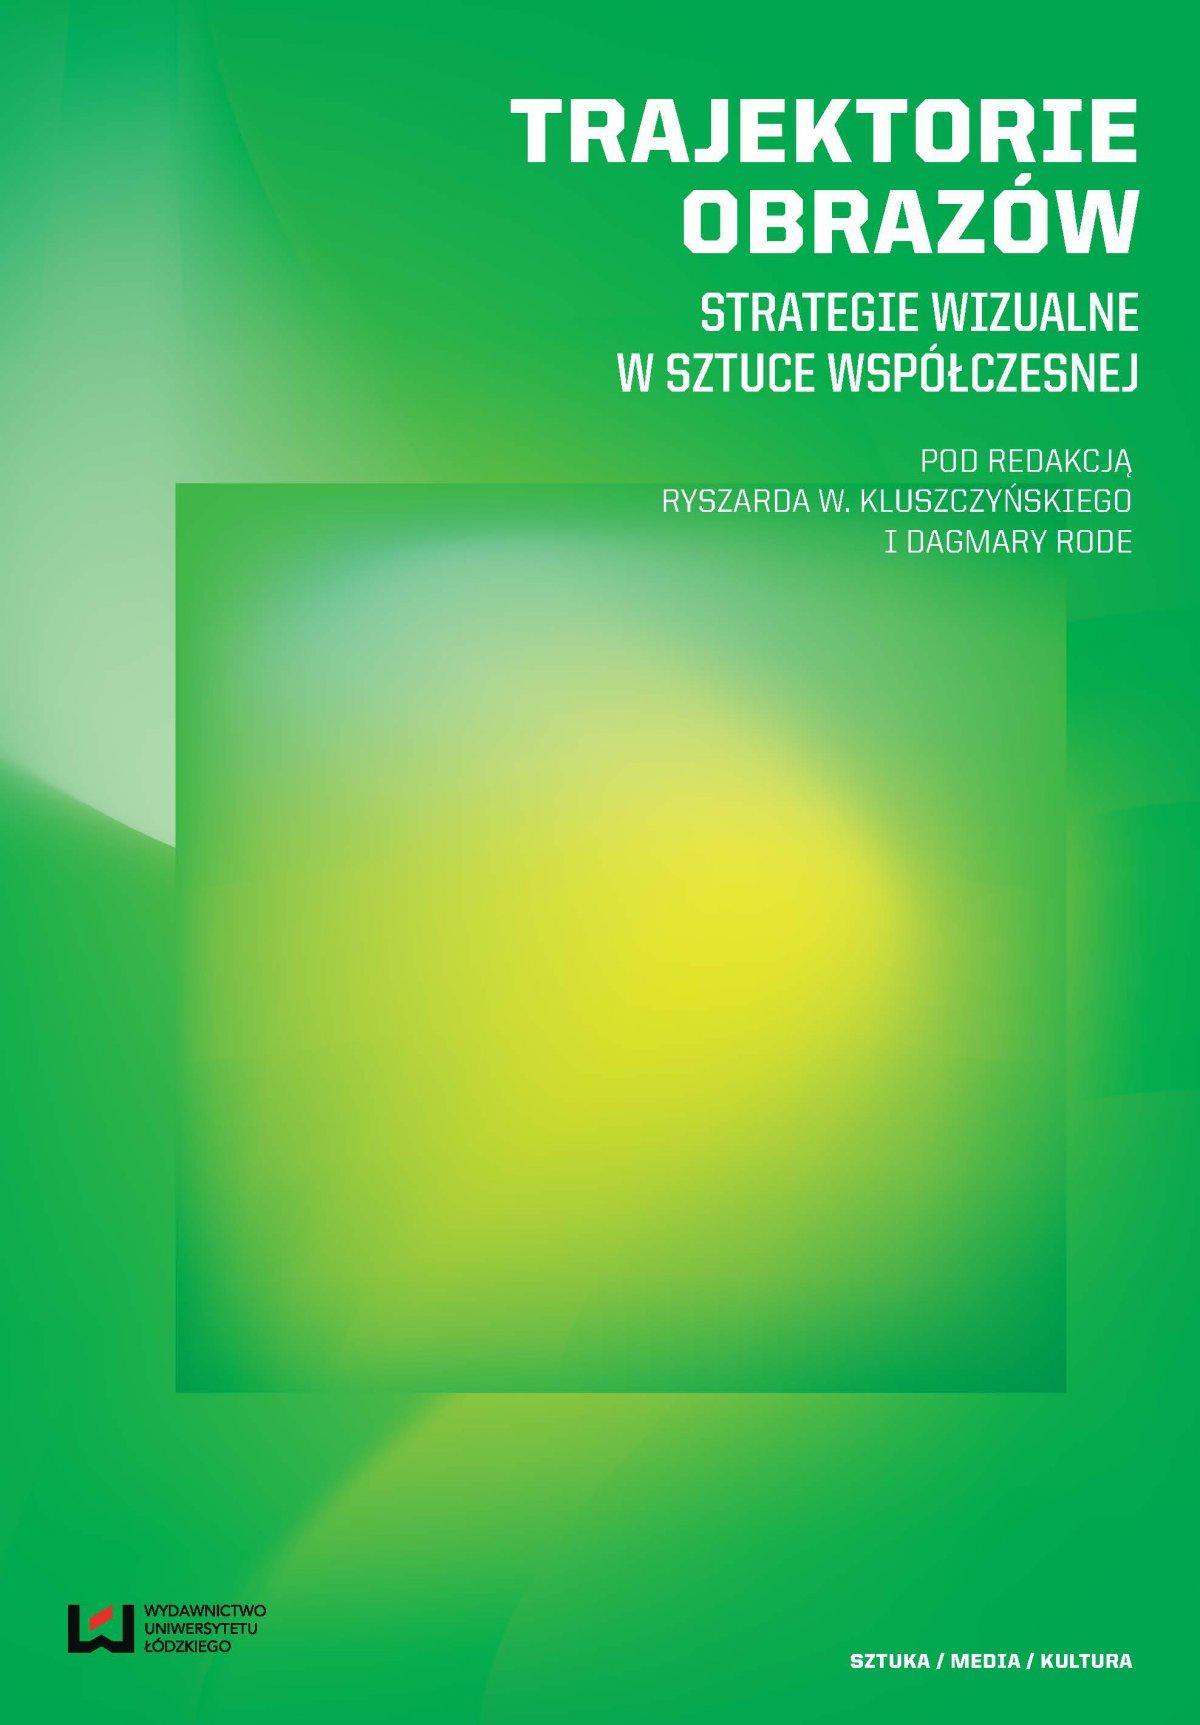 Trajektorie obrazów. Strategie wizualne w sztuce współczesnej - Ebook (Książka PDF) do pobrania w formacie PDF